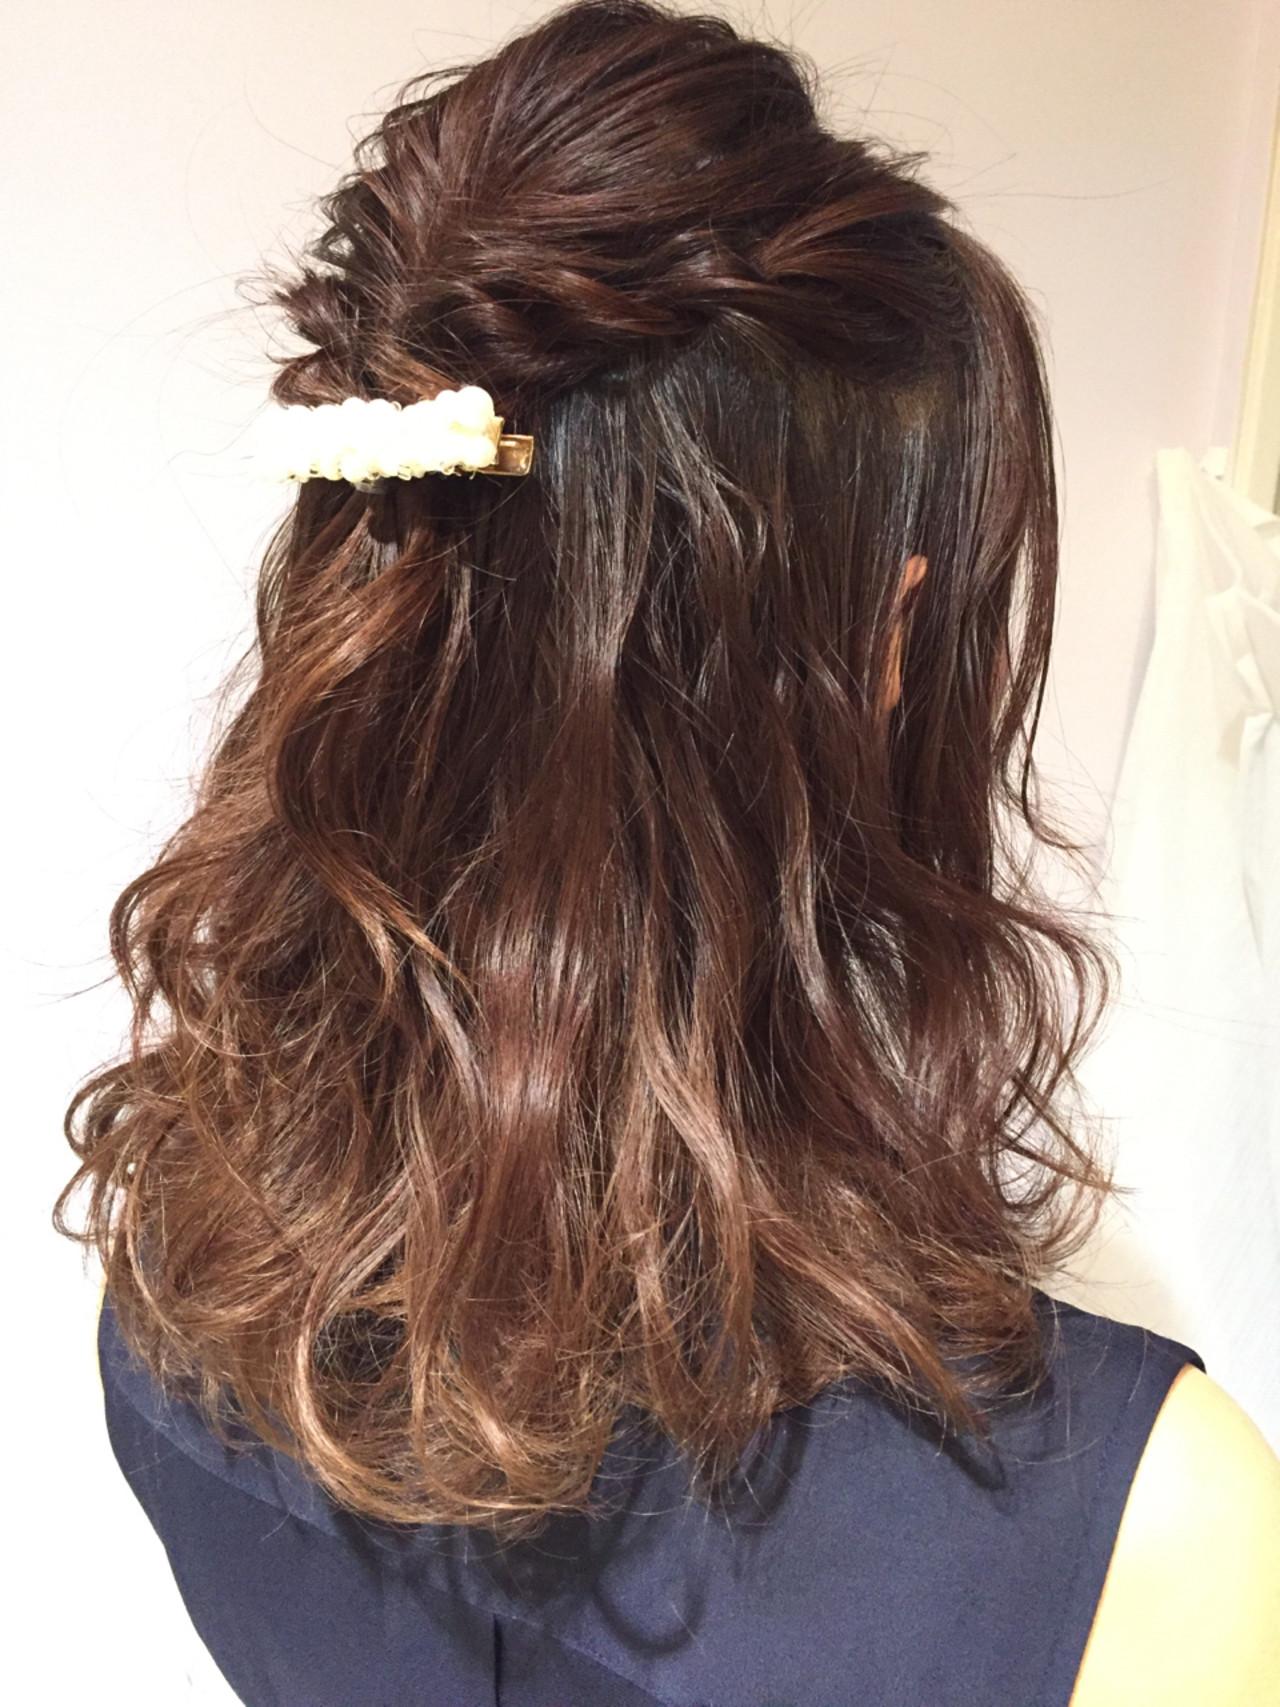 ミディアム フェミニン ウェーブ ヘアアレンジ ヘアスタイルや髪型の写真・画像